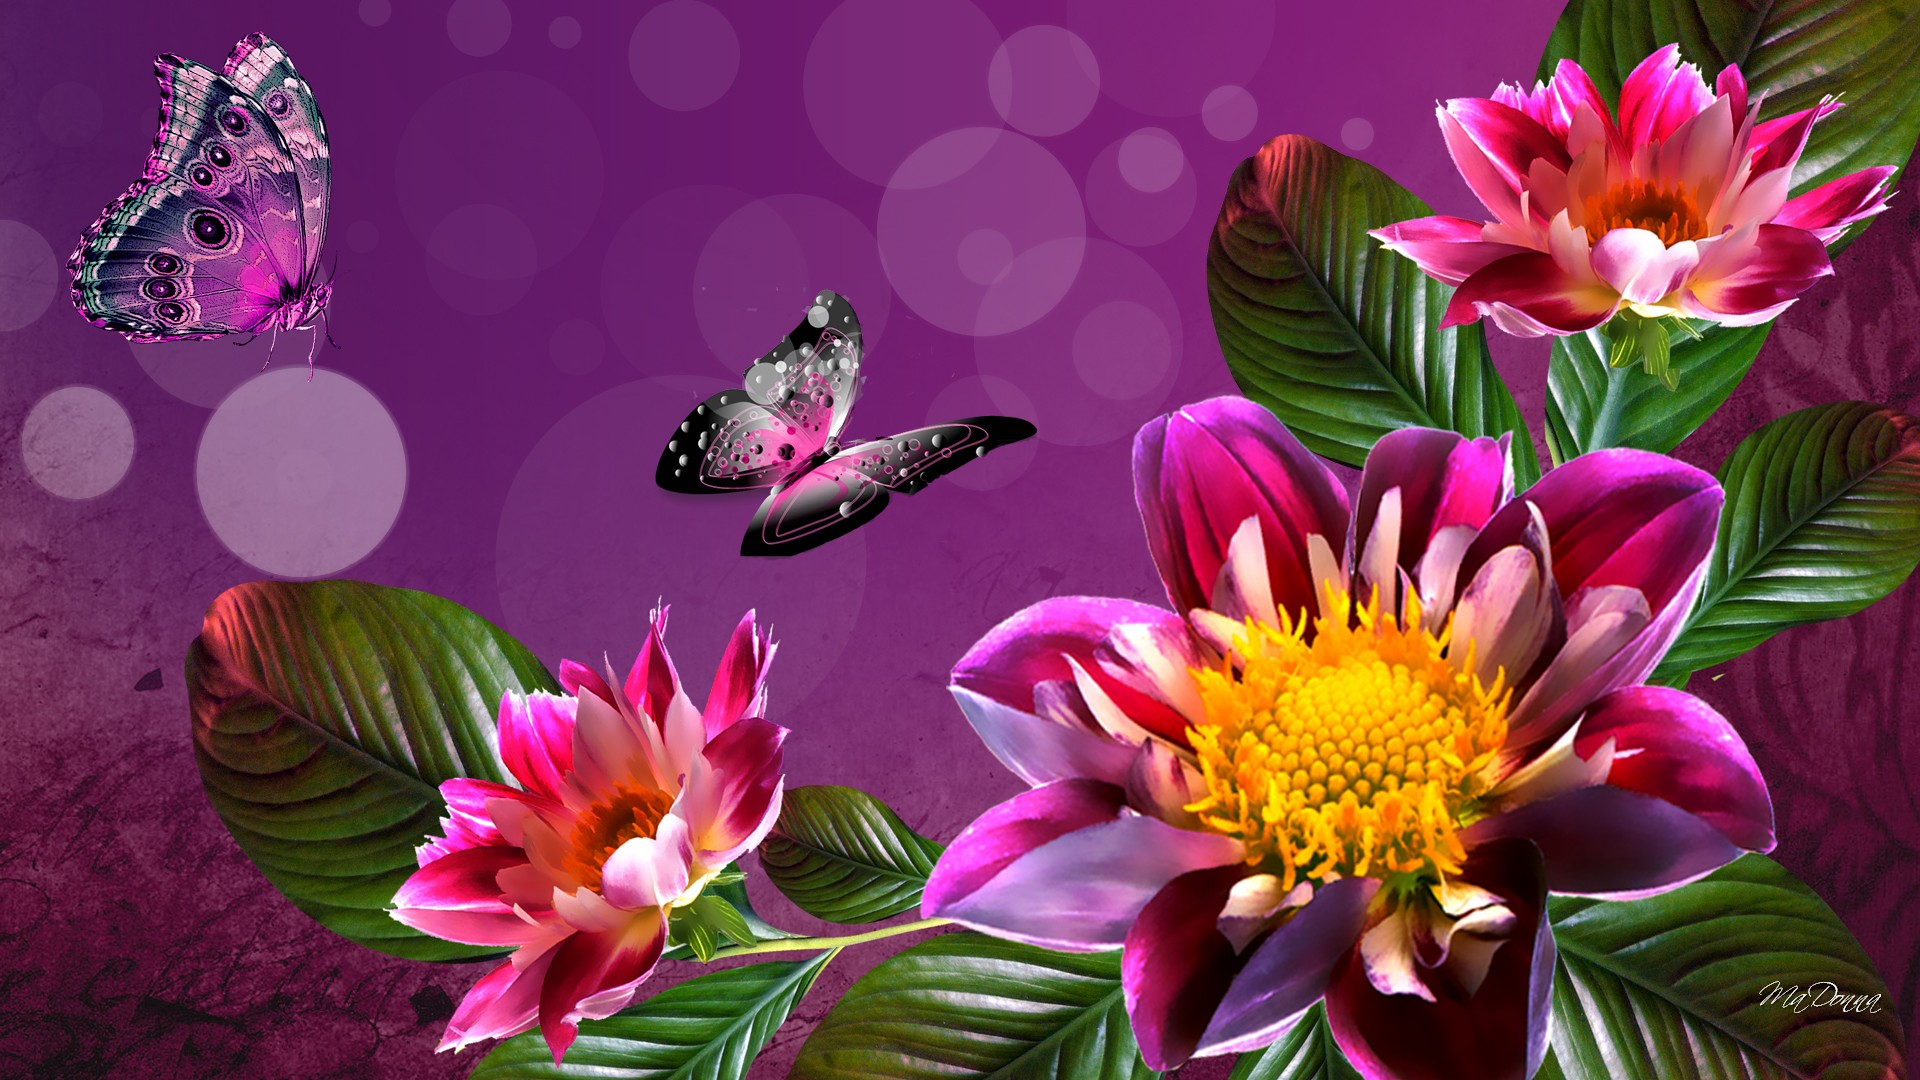 Обои на рабочий стол цветы живые обои